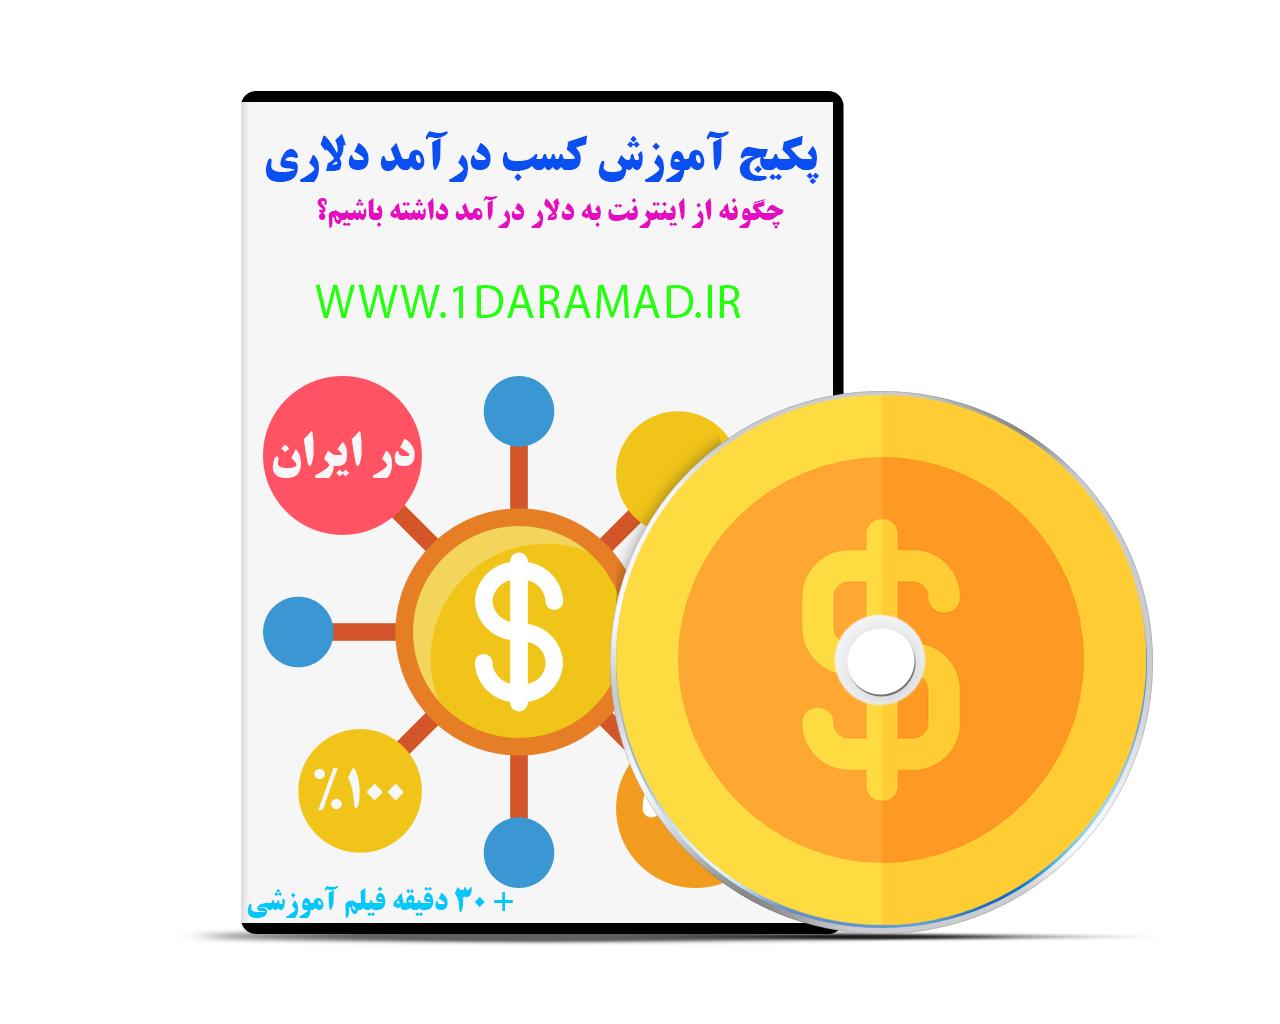 پکیج آموزش کسب درآمد دلاری از اینترنت